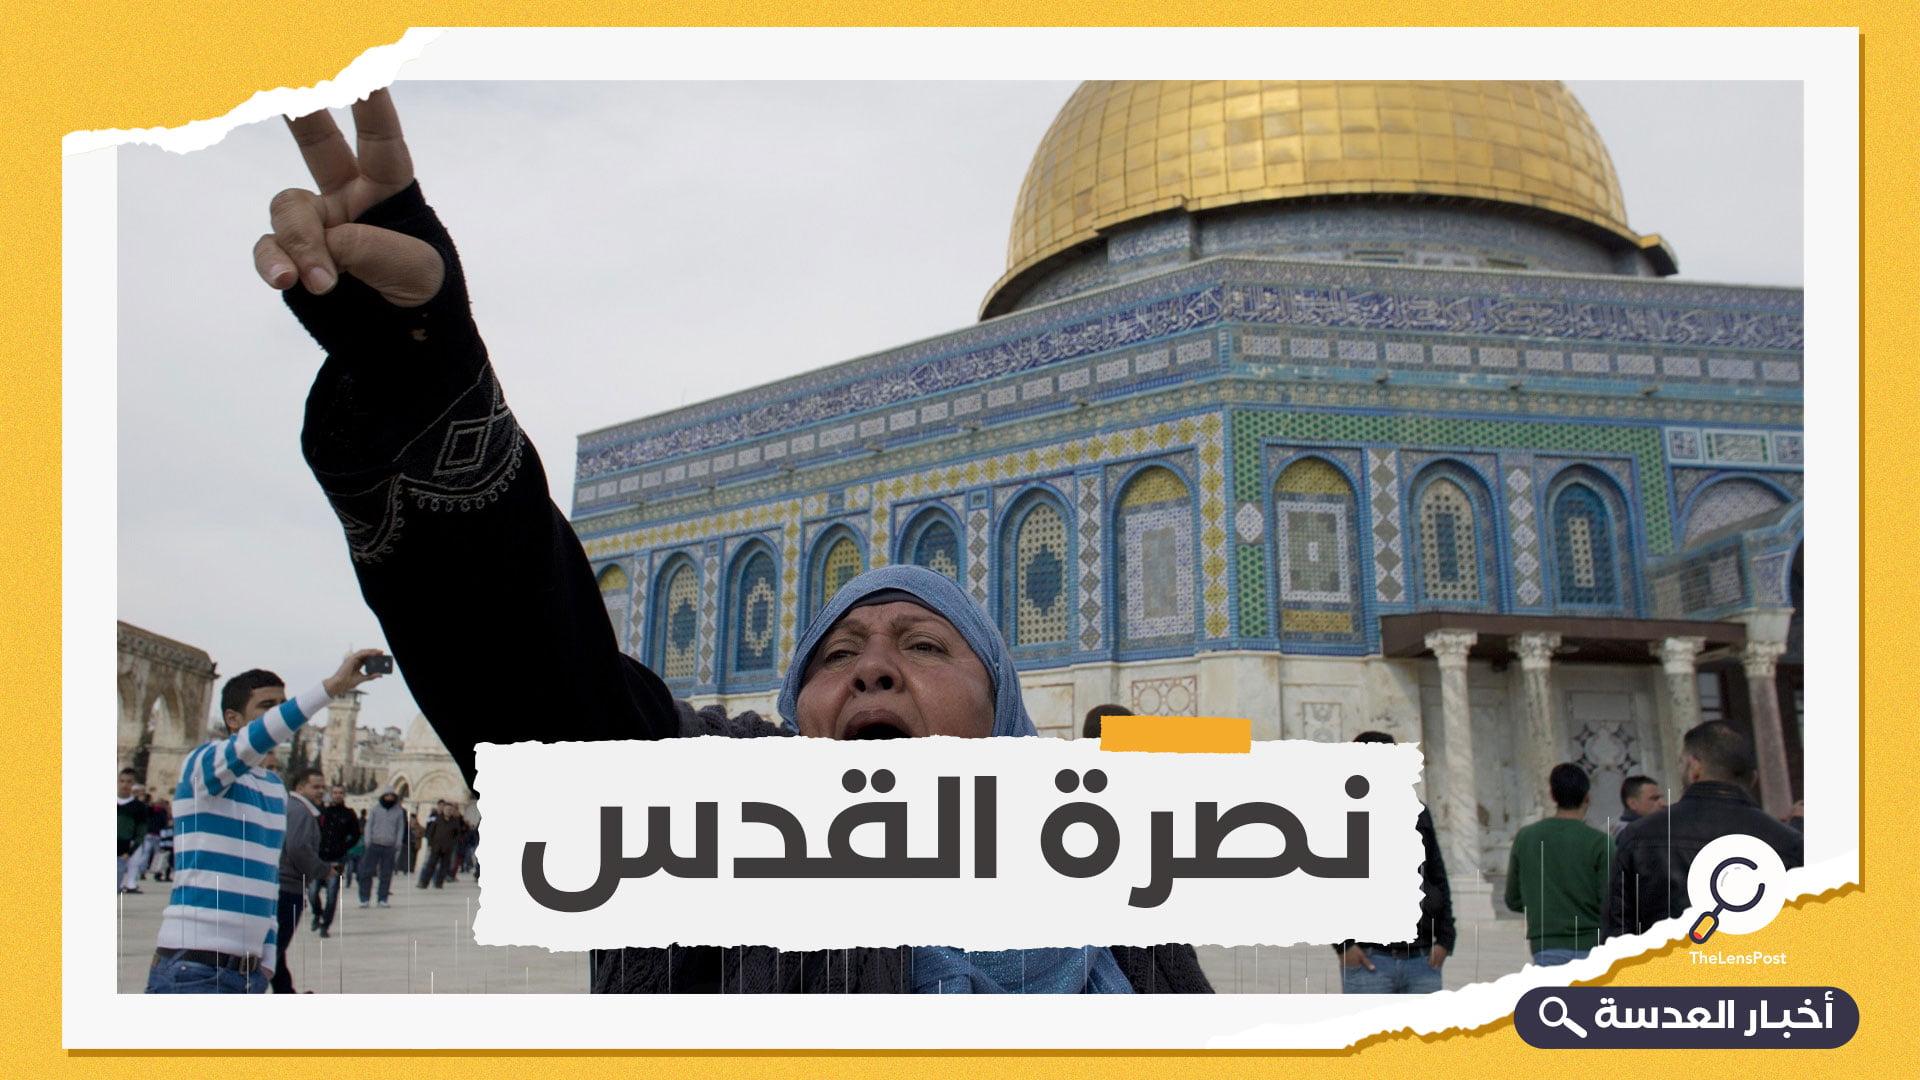 """هاشتاج """"الأقصى يستغيث"""" يغزو الدول العربية رداً على الاعتداءات المتكررة من الاحتلال"""